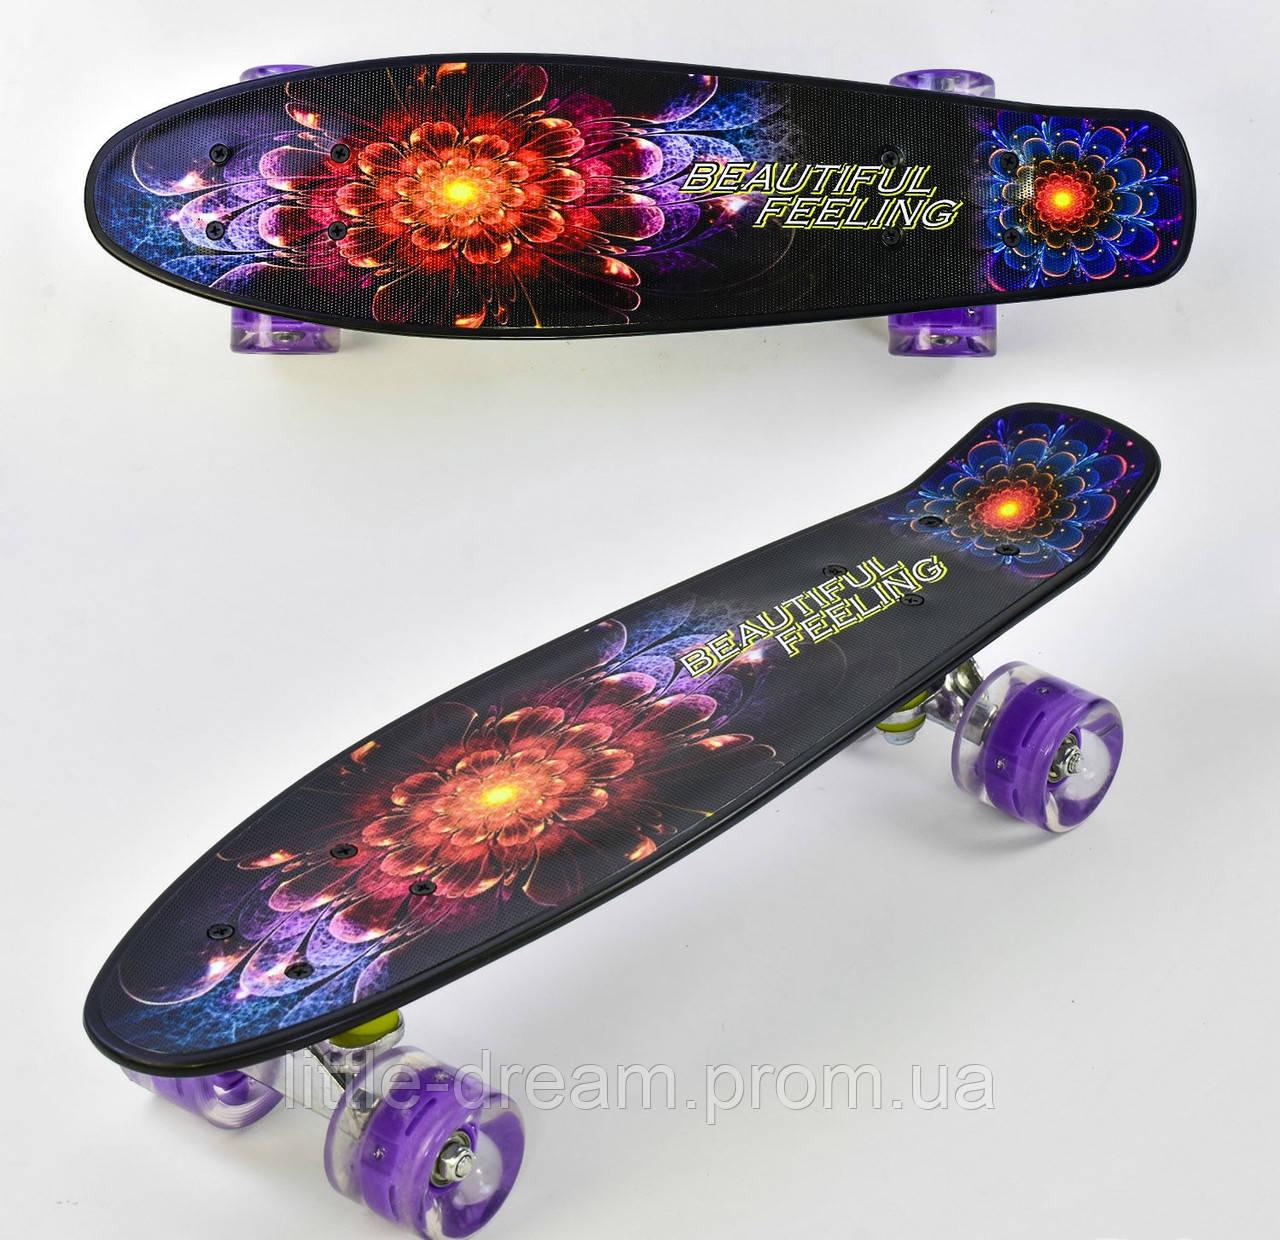 Пенниборд ( скейтборд ) колеса полиуретан с подсветкой